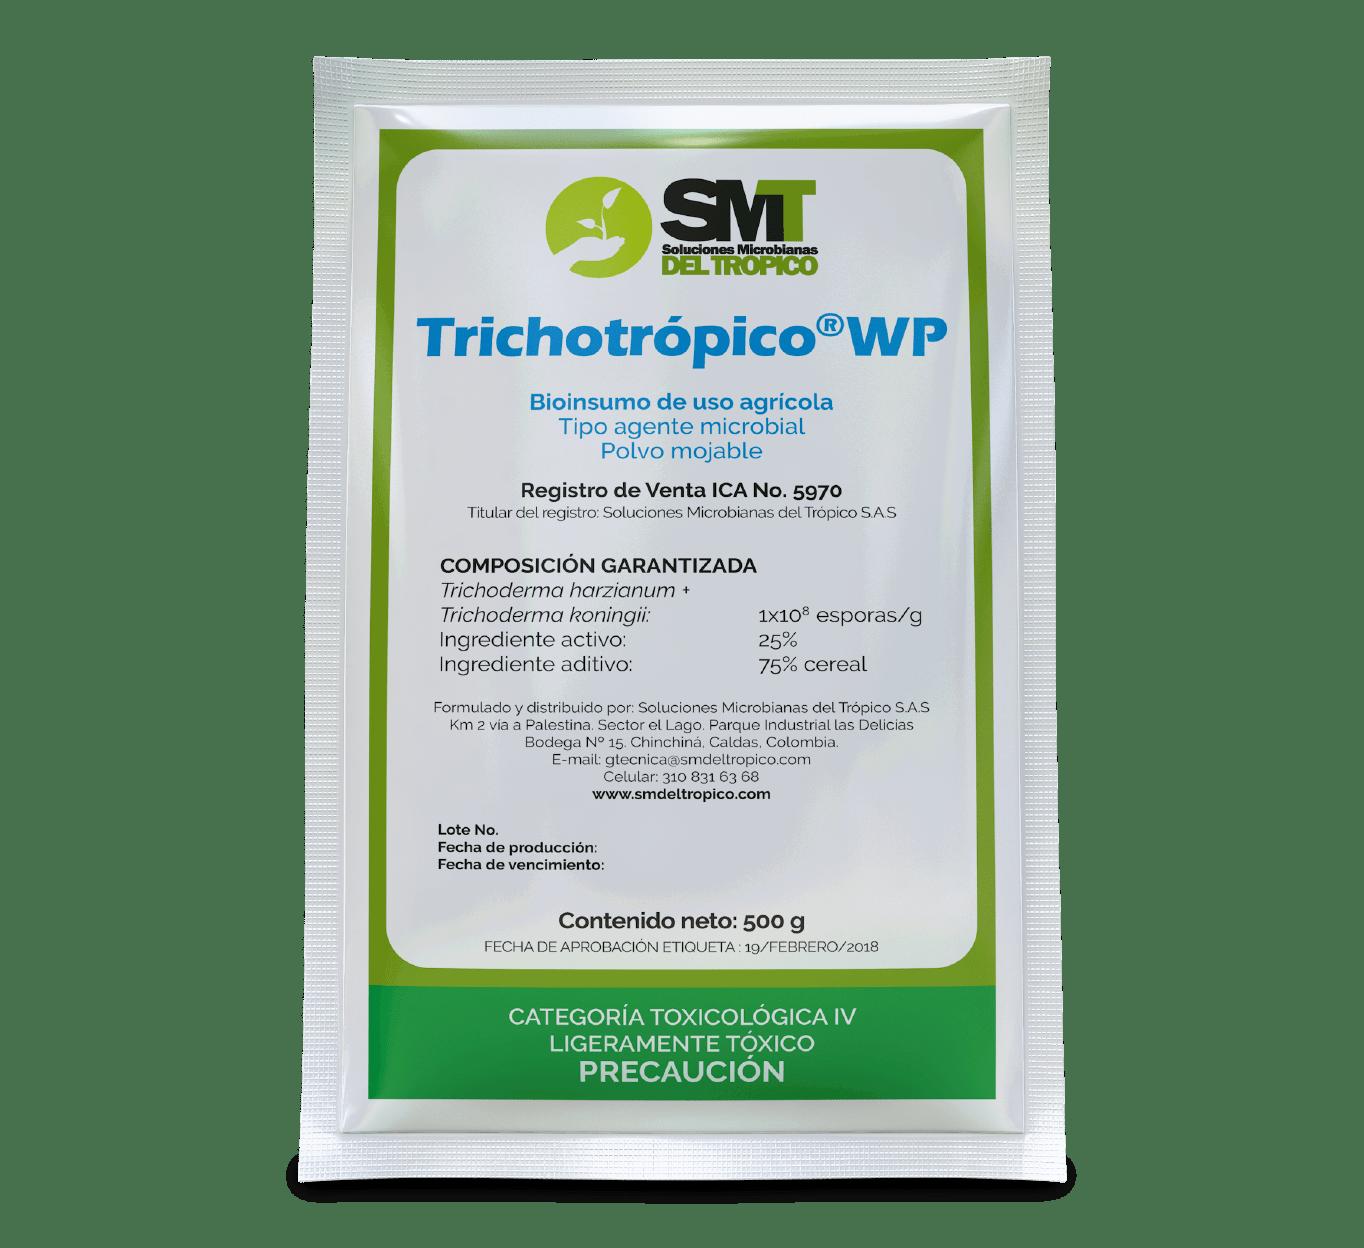 Bioinsumo trichotropico wp invesa invesa 500 gr